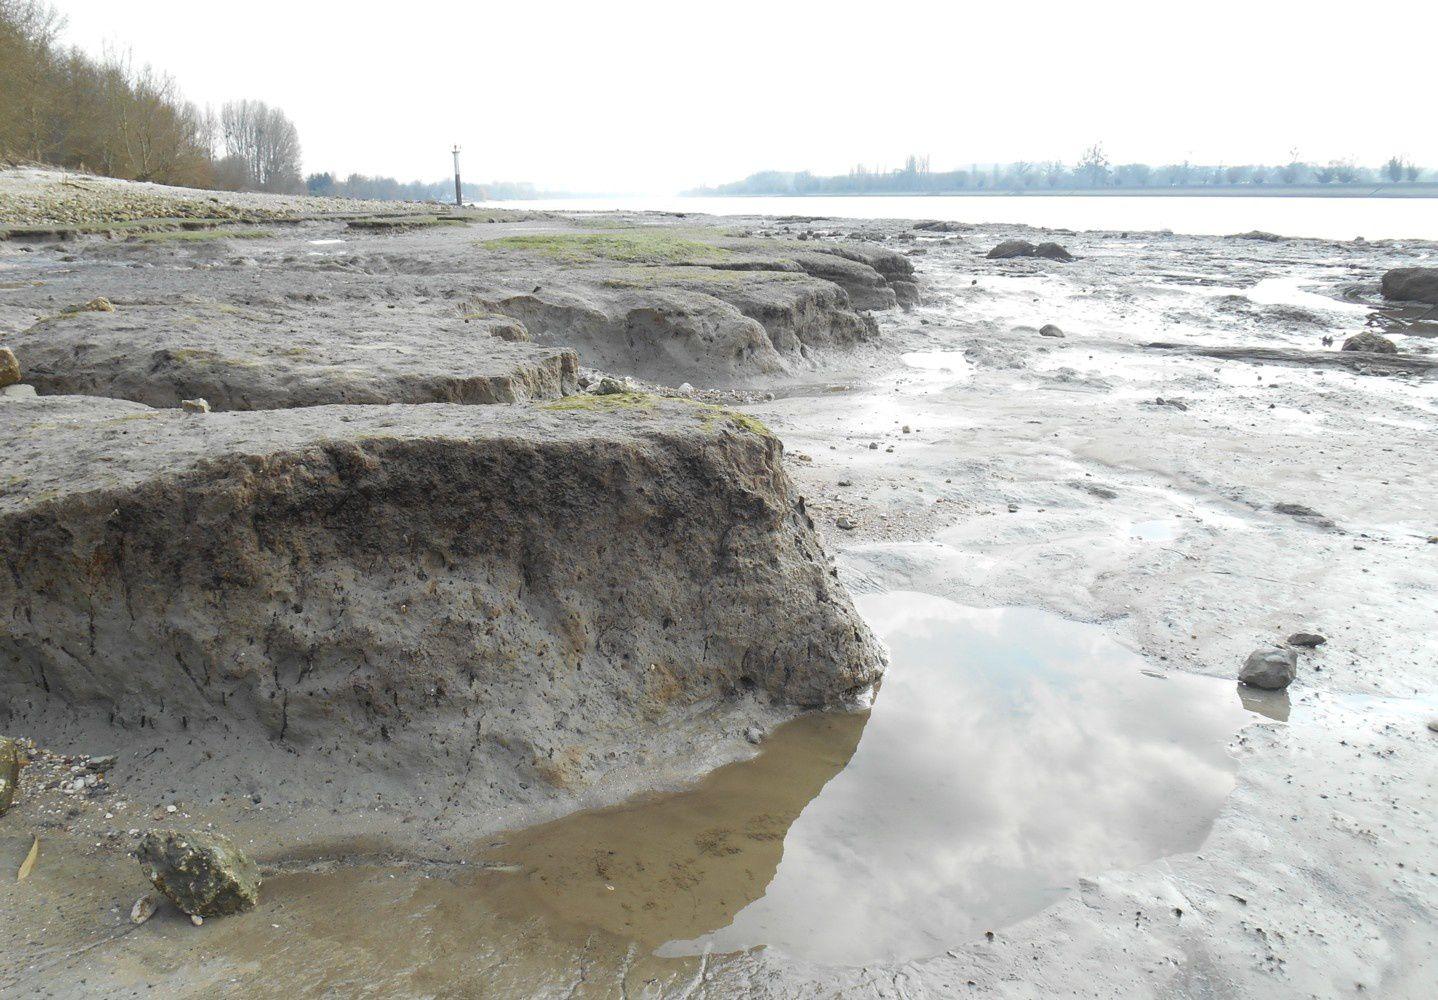 berge et vase à al Fontaine à marée basse